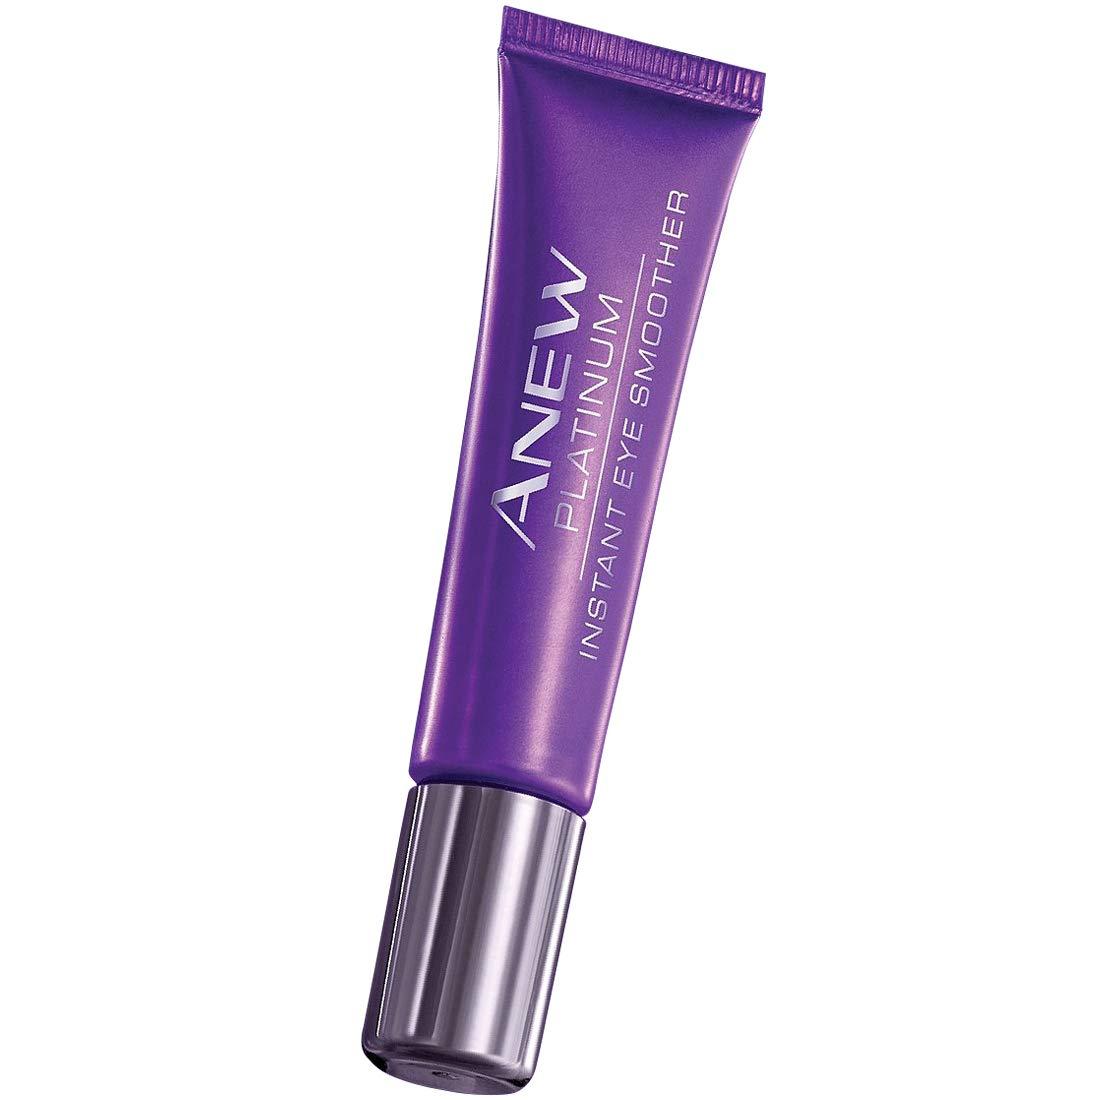 Avon Anew Platinum Instant Eye emolliente per borse sotto gli occhi/Puffiness/rughe